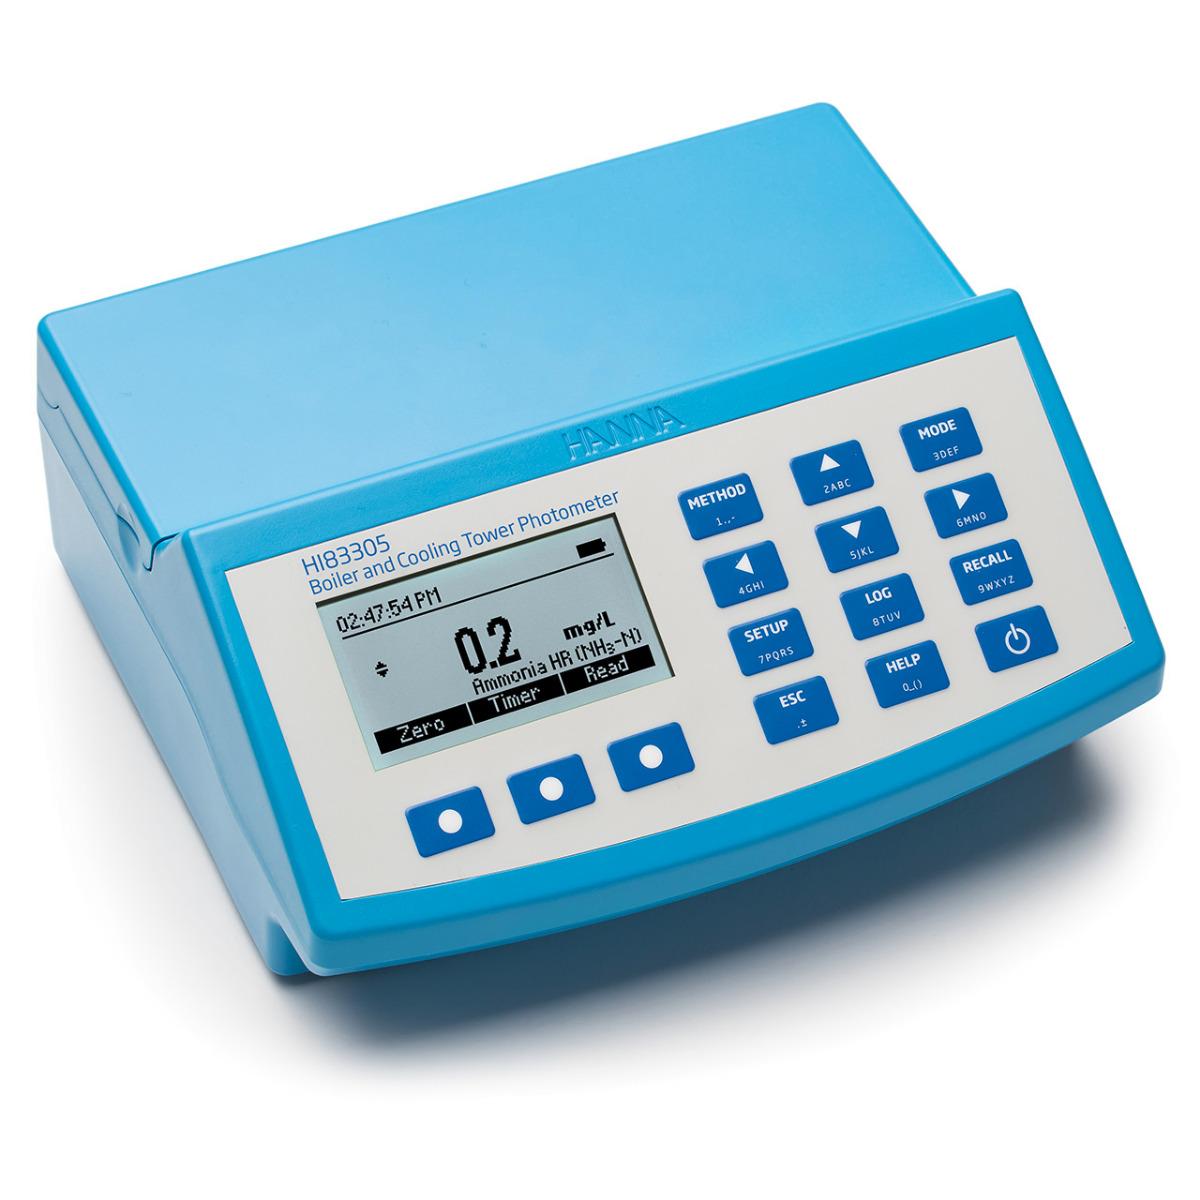 HI83305 - Fotometro da banco per caldaie e sistemi di raffreddamento (30 metodi)